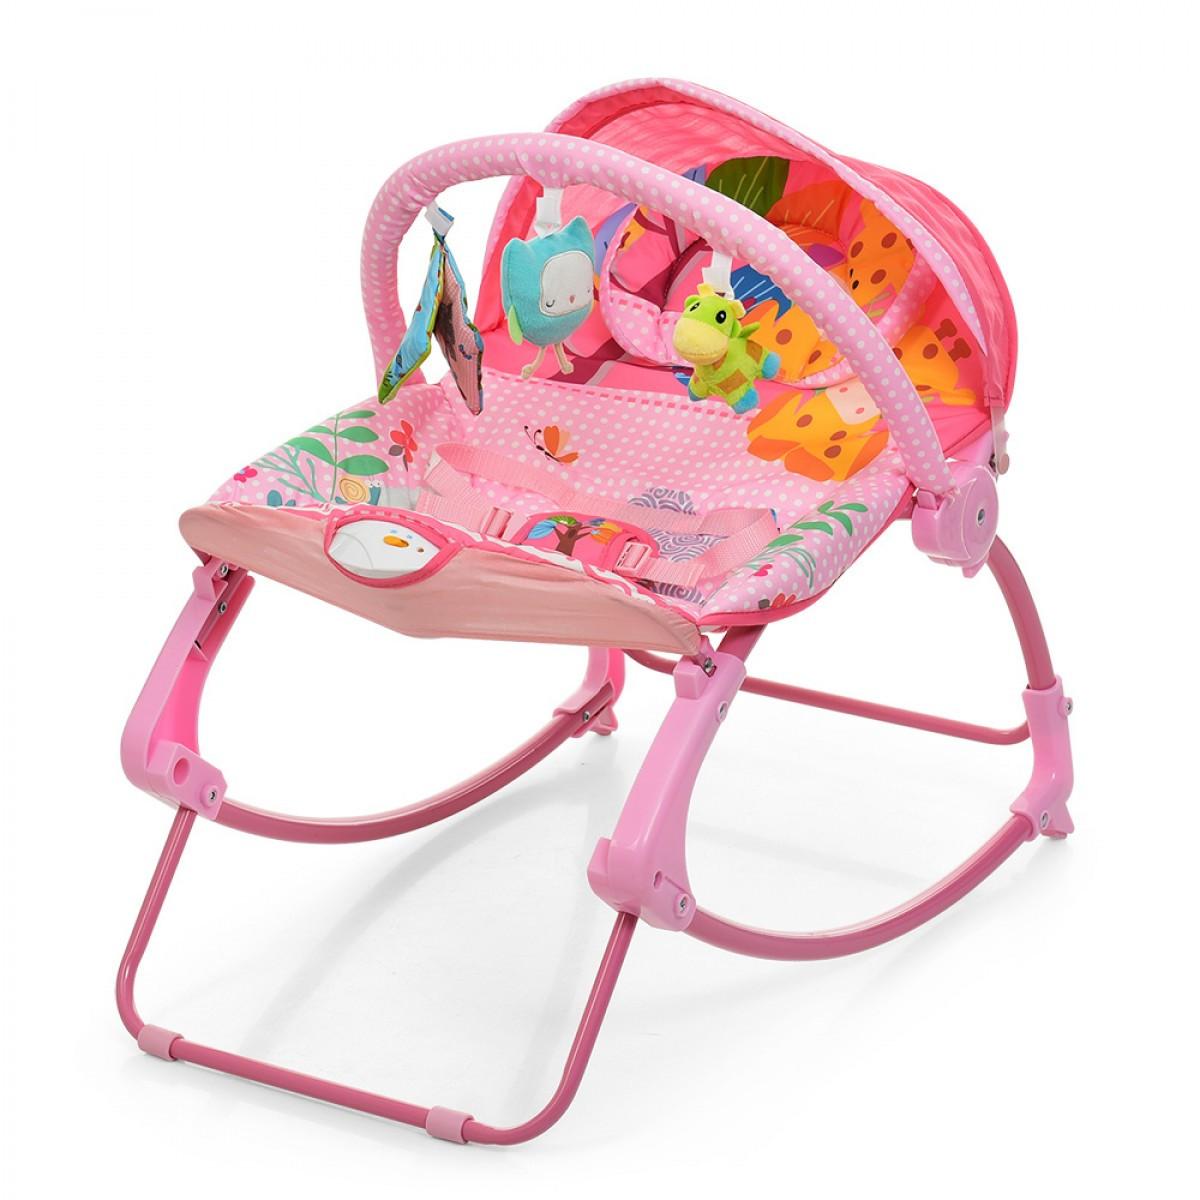 Шезлонг-качалка детский Bambi PK-306-8 Розовый